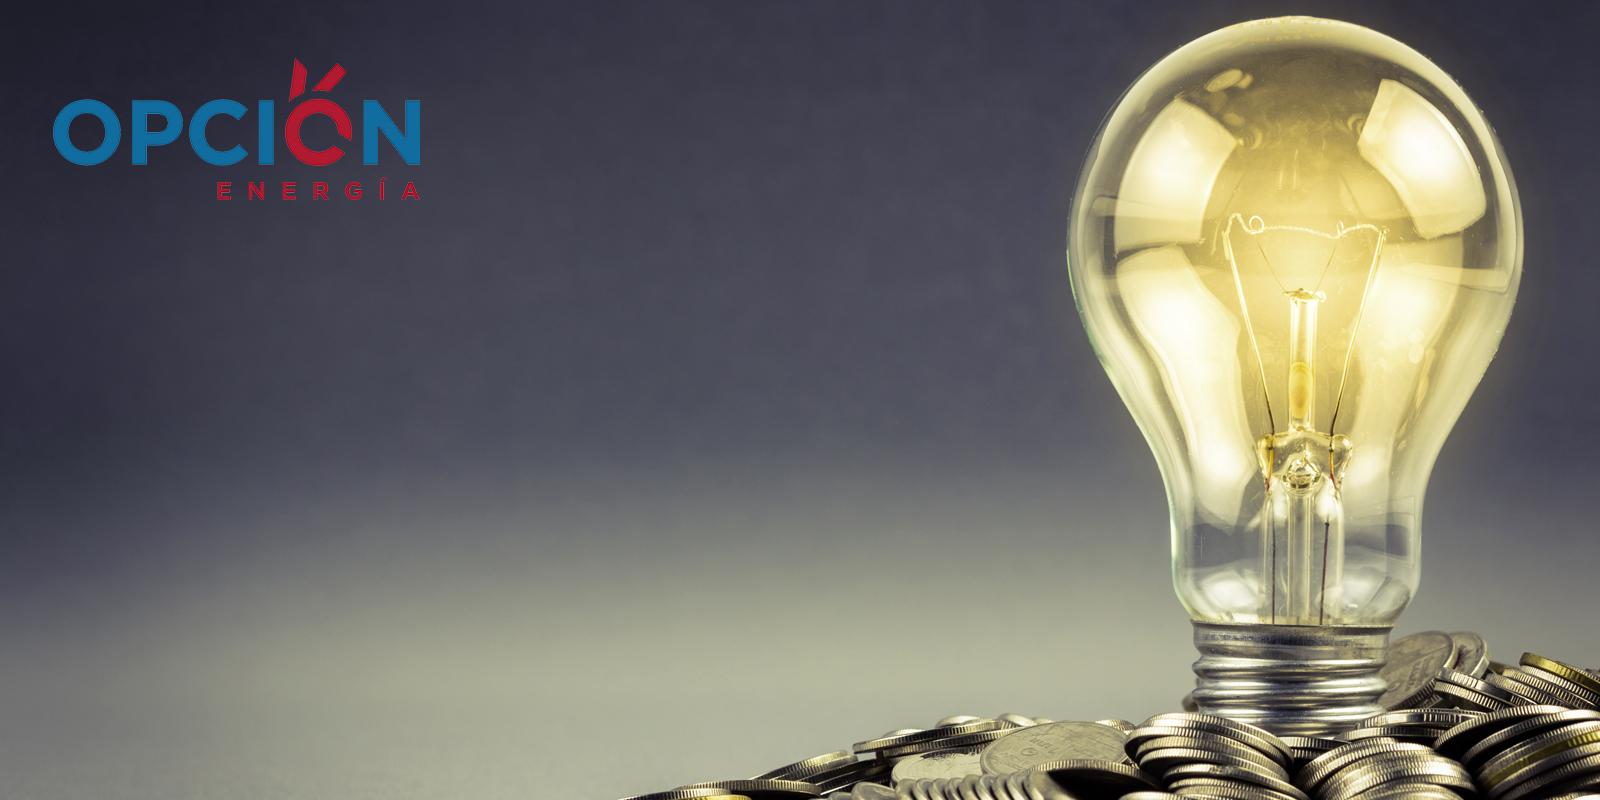 Cómo elegir una empresa económica de luz